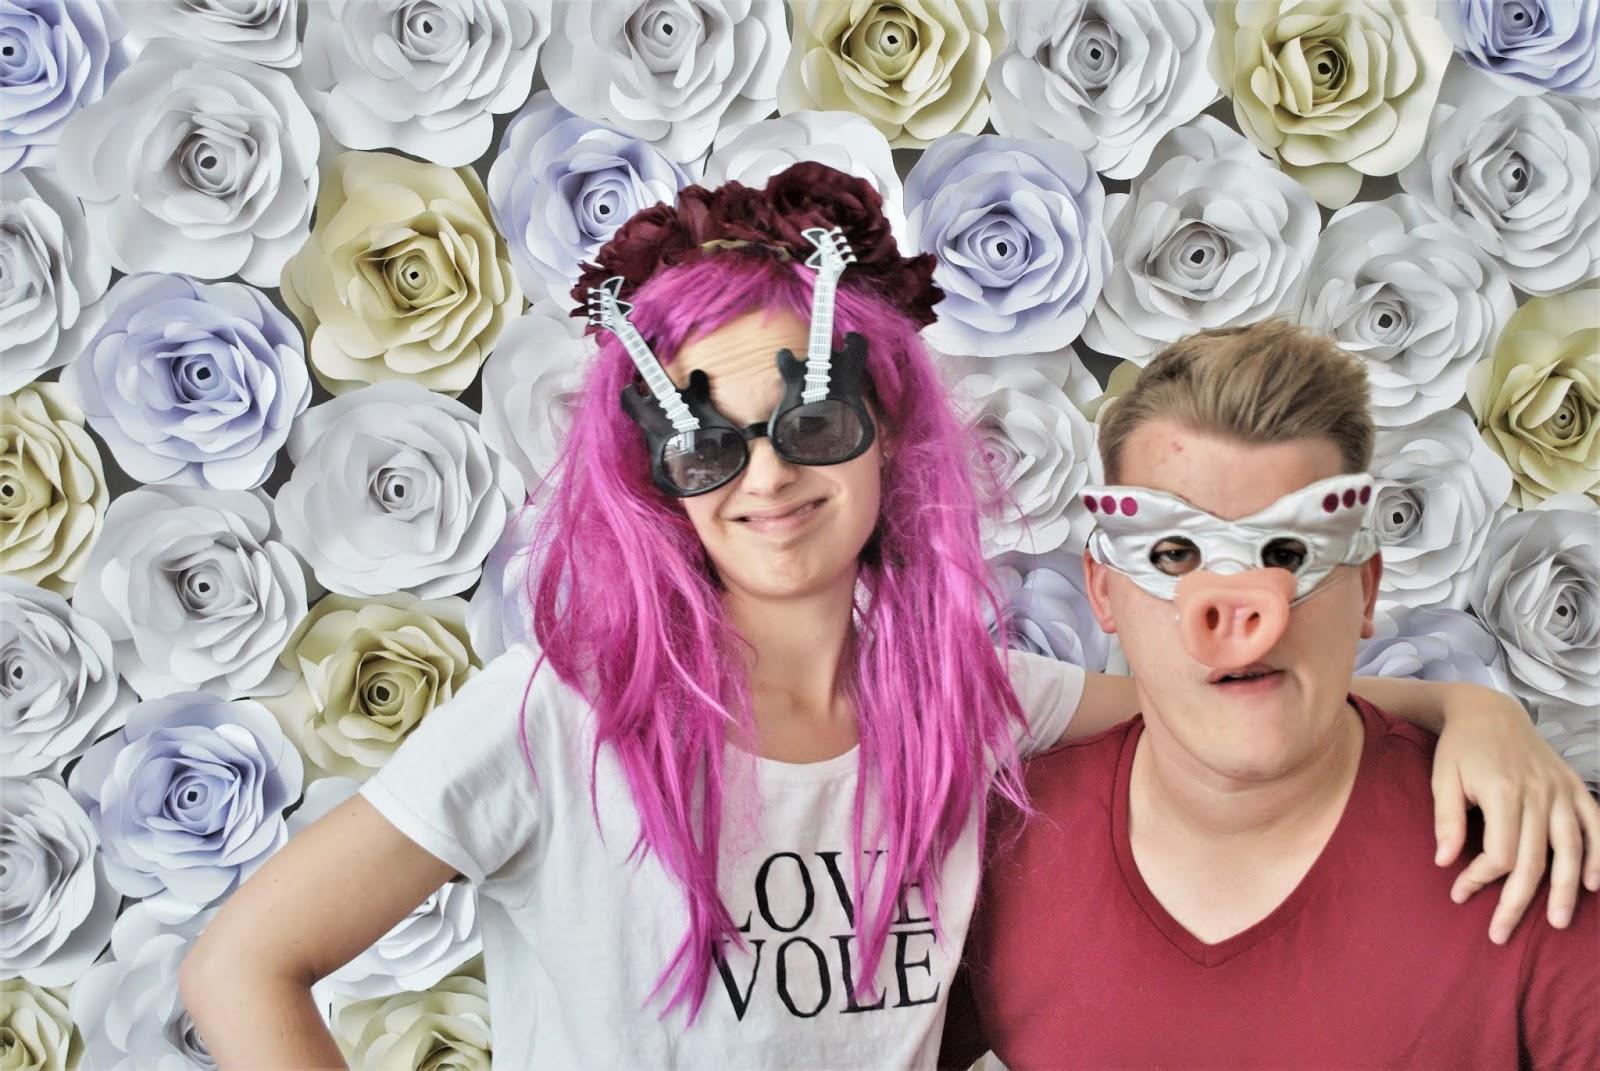 4a386b824236 My měli na svatbě Instax a nechávali jsme si fotky se vzkazama vlepovat do  scrapbooku